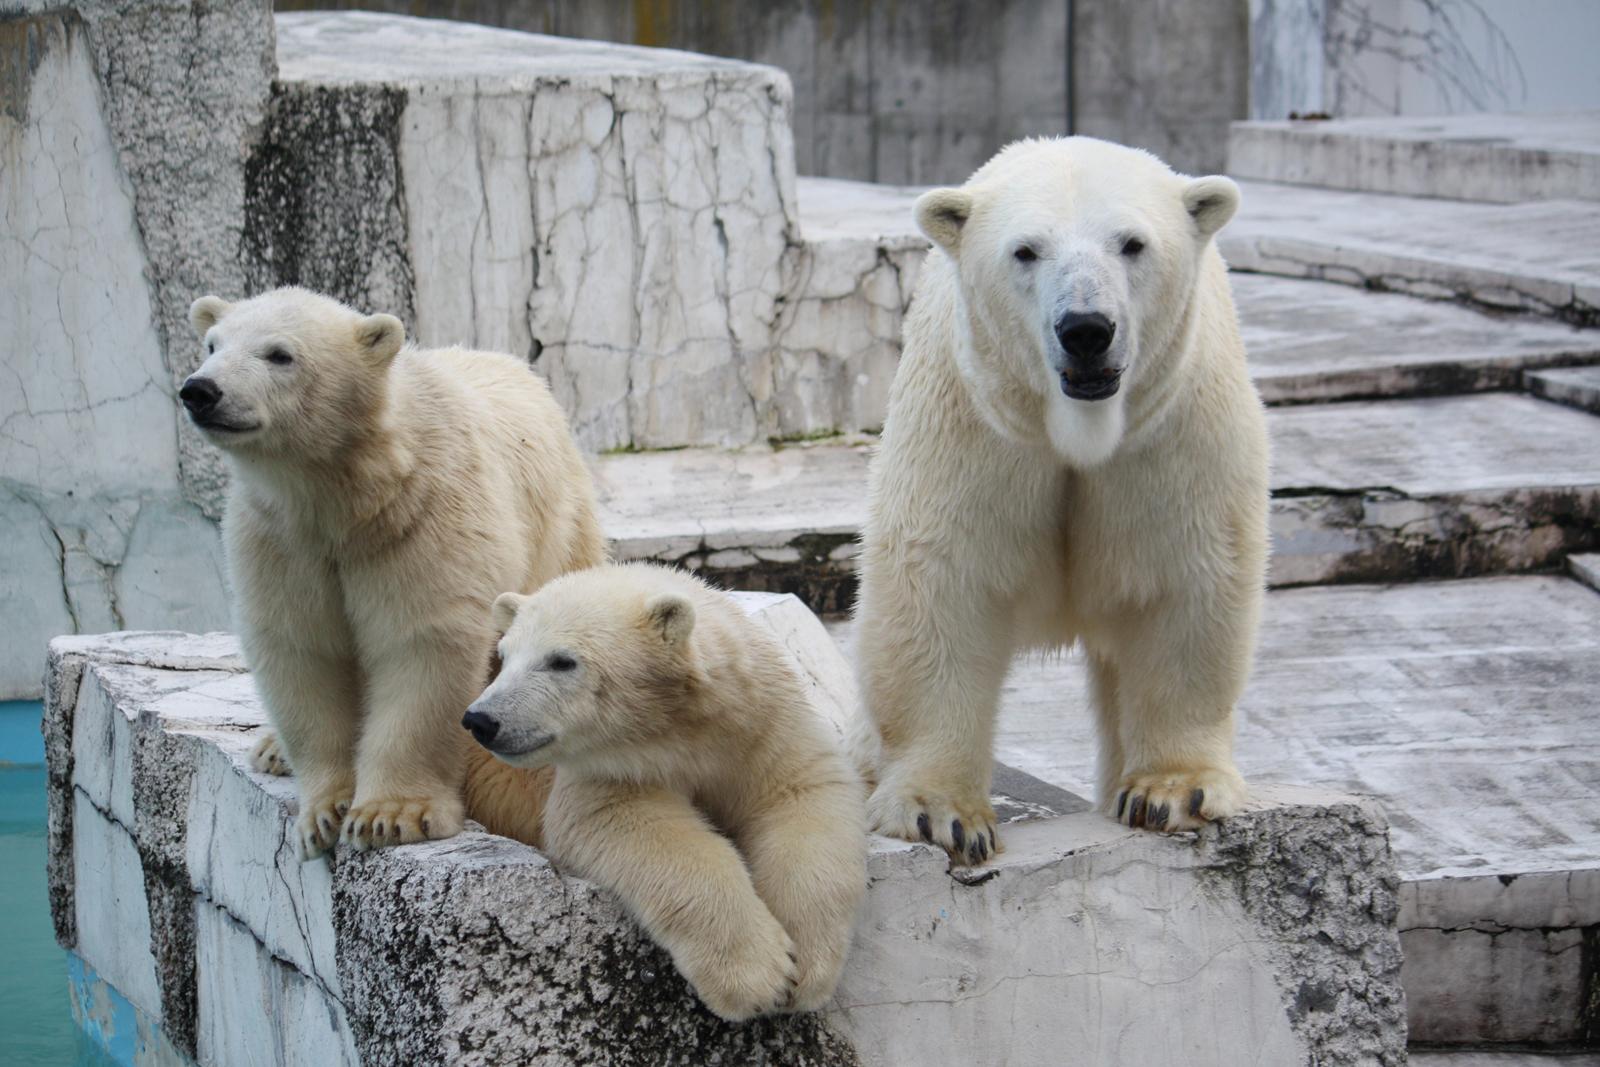 夏の特別展 さよなら熱帯動物館 円山動物園 (7/28〜8/27) 札幌